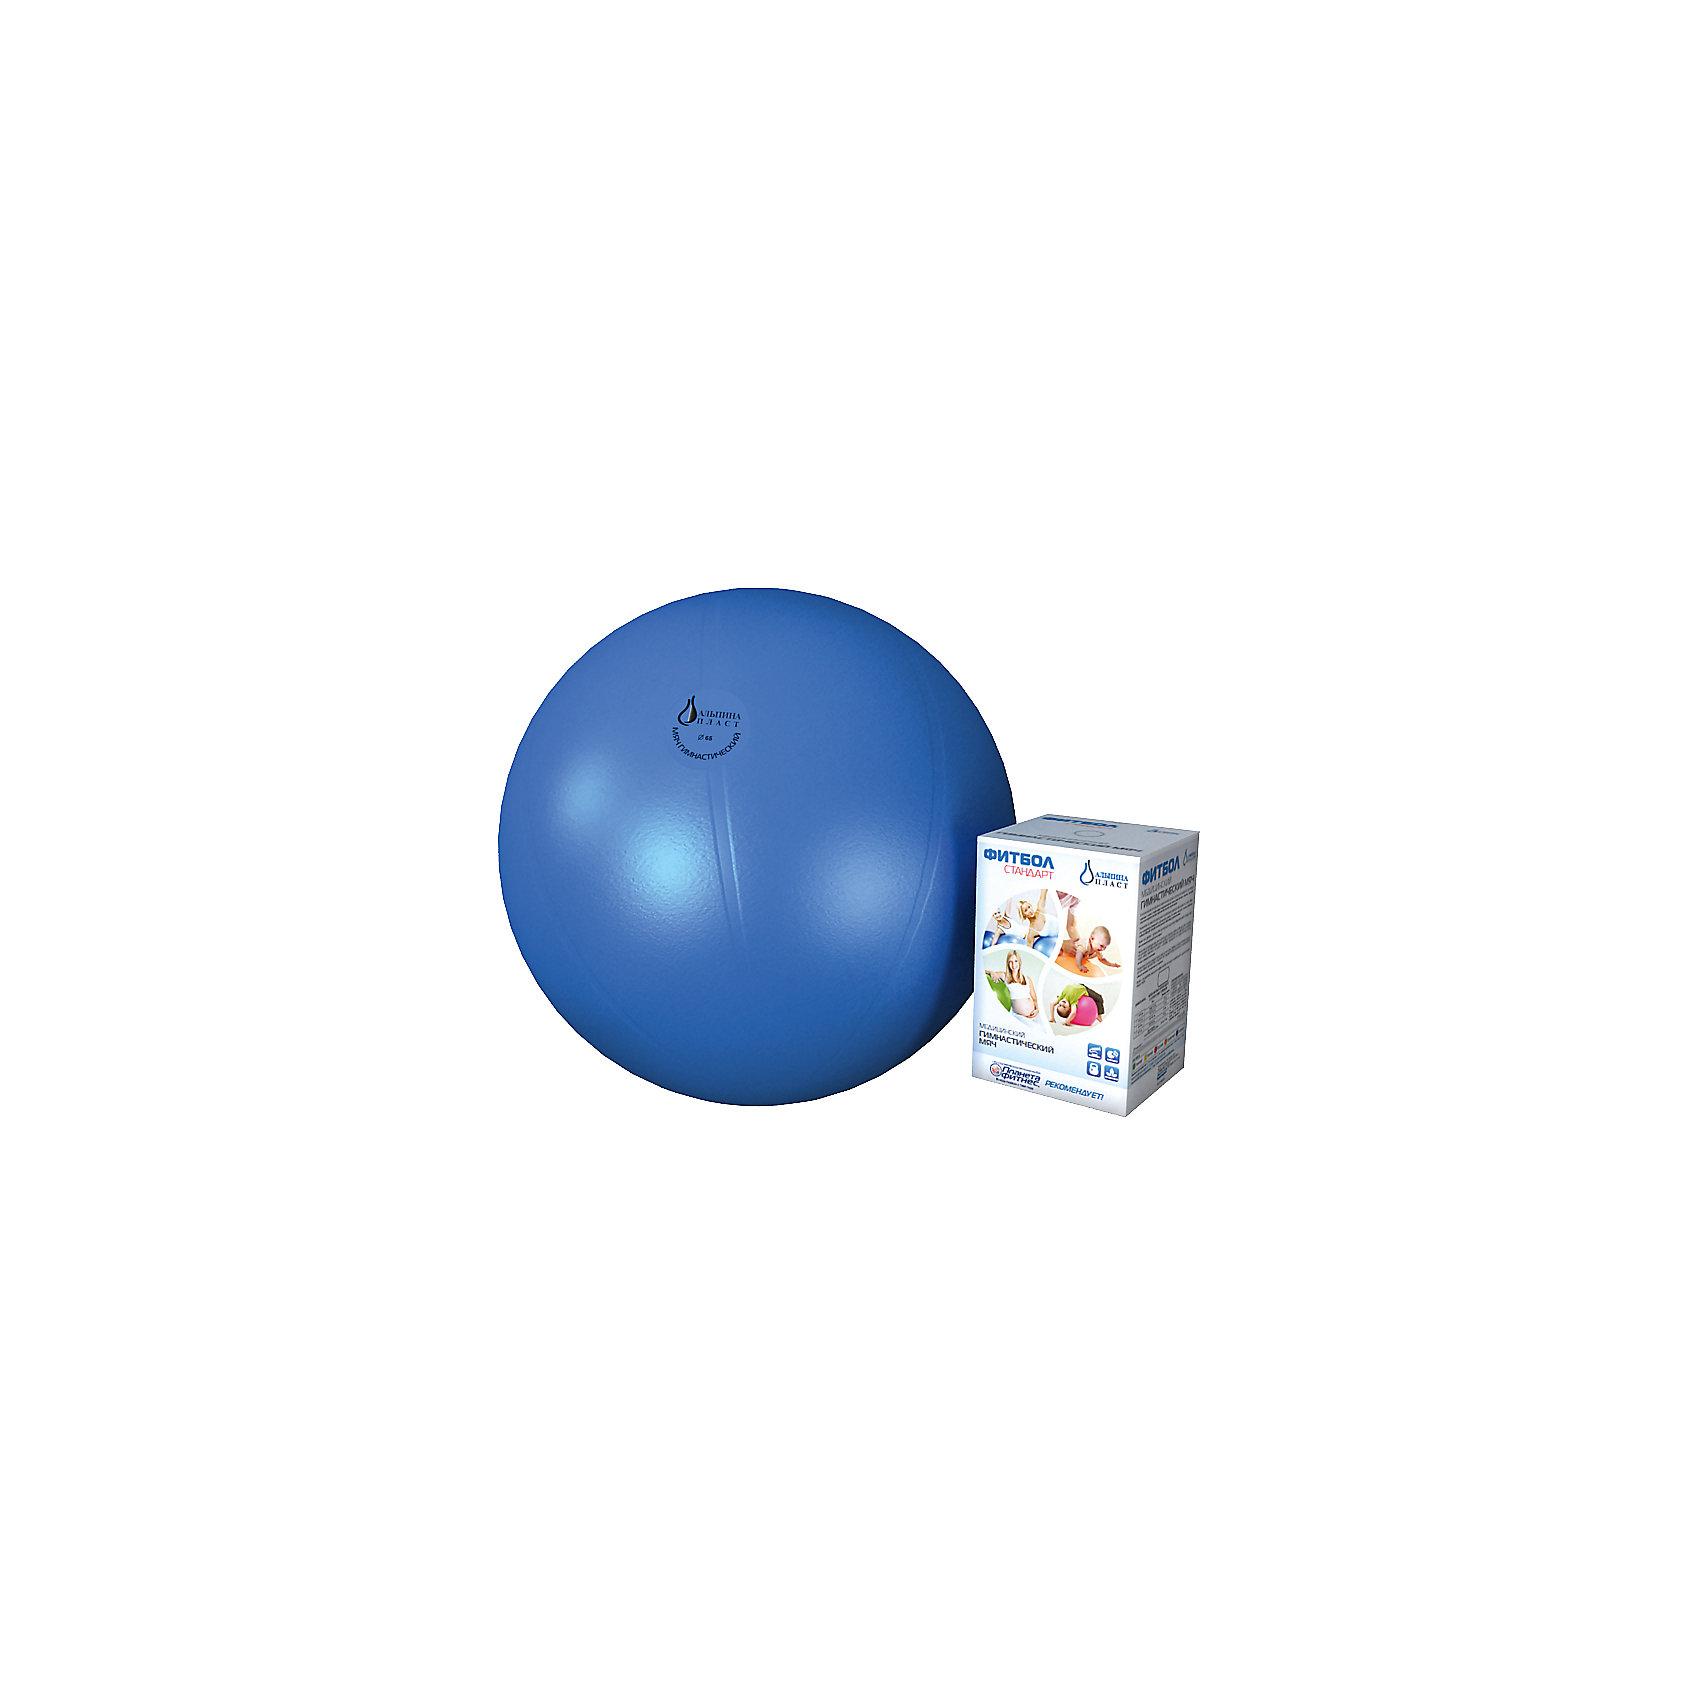 Фитбол Стандарт, голубой, ?650 мм, Альпина ПластТренажёры<br>Фитбол Стандарт, голубой, ?650 мм, Альпина Пласт.<br><br>Характеристики:<br><br>• Возврат: от 4 месяцев до 16 лет<br>• Диаметр гимнастического мяча: 65 см.<br>• Выдерживает нагрузку до 300 кг.<br>• Система антивзрыв<br>• Материал: ПВХ (Италия)<br>• Цвет: голубой<br>• Регистрационное удостоверение № ФСР 2010/09426 от 13.12.10<br><br>Яркий гимнастический мяч (фитбол) Стандарт от отечественного производителя предназначен для: занятий спортивной и лечебной гимнастикой; развития и укрепления мышц спины, рук, живота и ног; формирования правильной осанки; игр и отдыха. Идеально подходит для занятий с детьми с 4-месячного возраста с целью формирования правильных рефлексов и развития координации движения. Фитбол Стандарт снабжен системой антивзрыв, изготовлен на немецком оборудовании из нетоксичного и гипоаллергенного ПВХ (Италия) безвредного для детей любого возраста. Во время гимнастики на фитболе сгорает больше килокалорий, чем при простой силовой тренировке, так как равномерно прорабатываются те группы мышц, которые обычно недоступны, особенно мышцы брюшного пресса и спины. Мяч очень легкий и компактный, надувается насосом в считанные минуты. Продукт сертифицирован как изделие медицинского назначения и соответствует требованиям ТУ 9398-011-17707123-2010.<br><br>Фитбол Стандарт, голубой, ?650 мм, Альпина Пласт можно купить в нашем интернет-магазине.<br><br>Ширина мм: 180<br>Глубина мм: 160<br>Высота мм: 270<br>Вес г: 1250<br>Возраст от месяцев: 4<br>Возраст до месяцев: 192<br>Пол: Унисекс<br>Возраст: Детский<br>SKU: 5510692